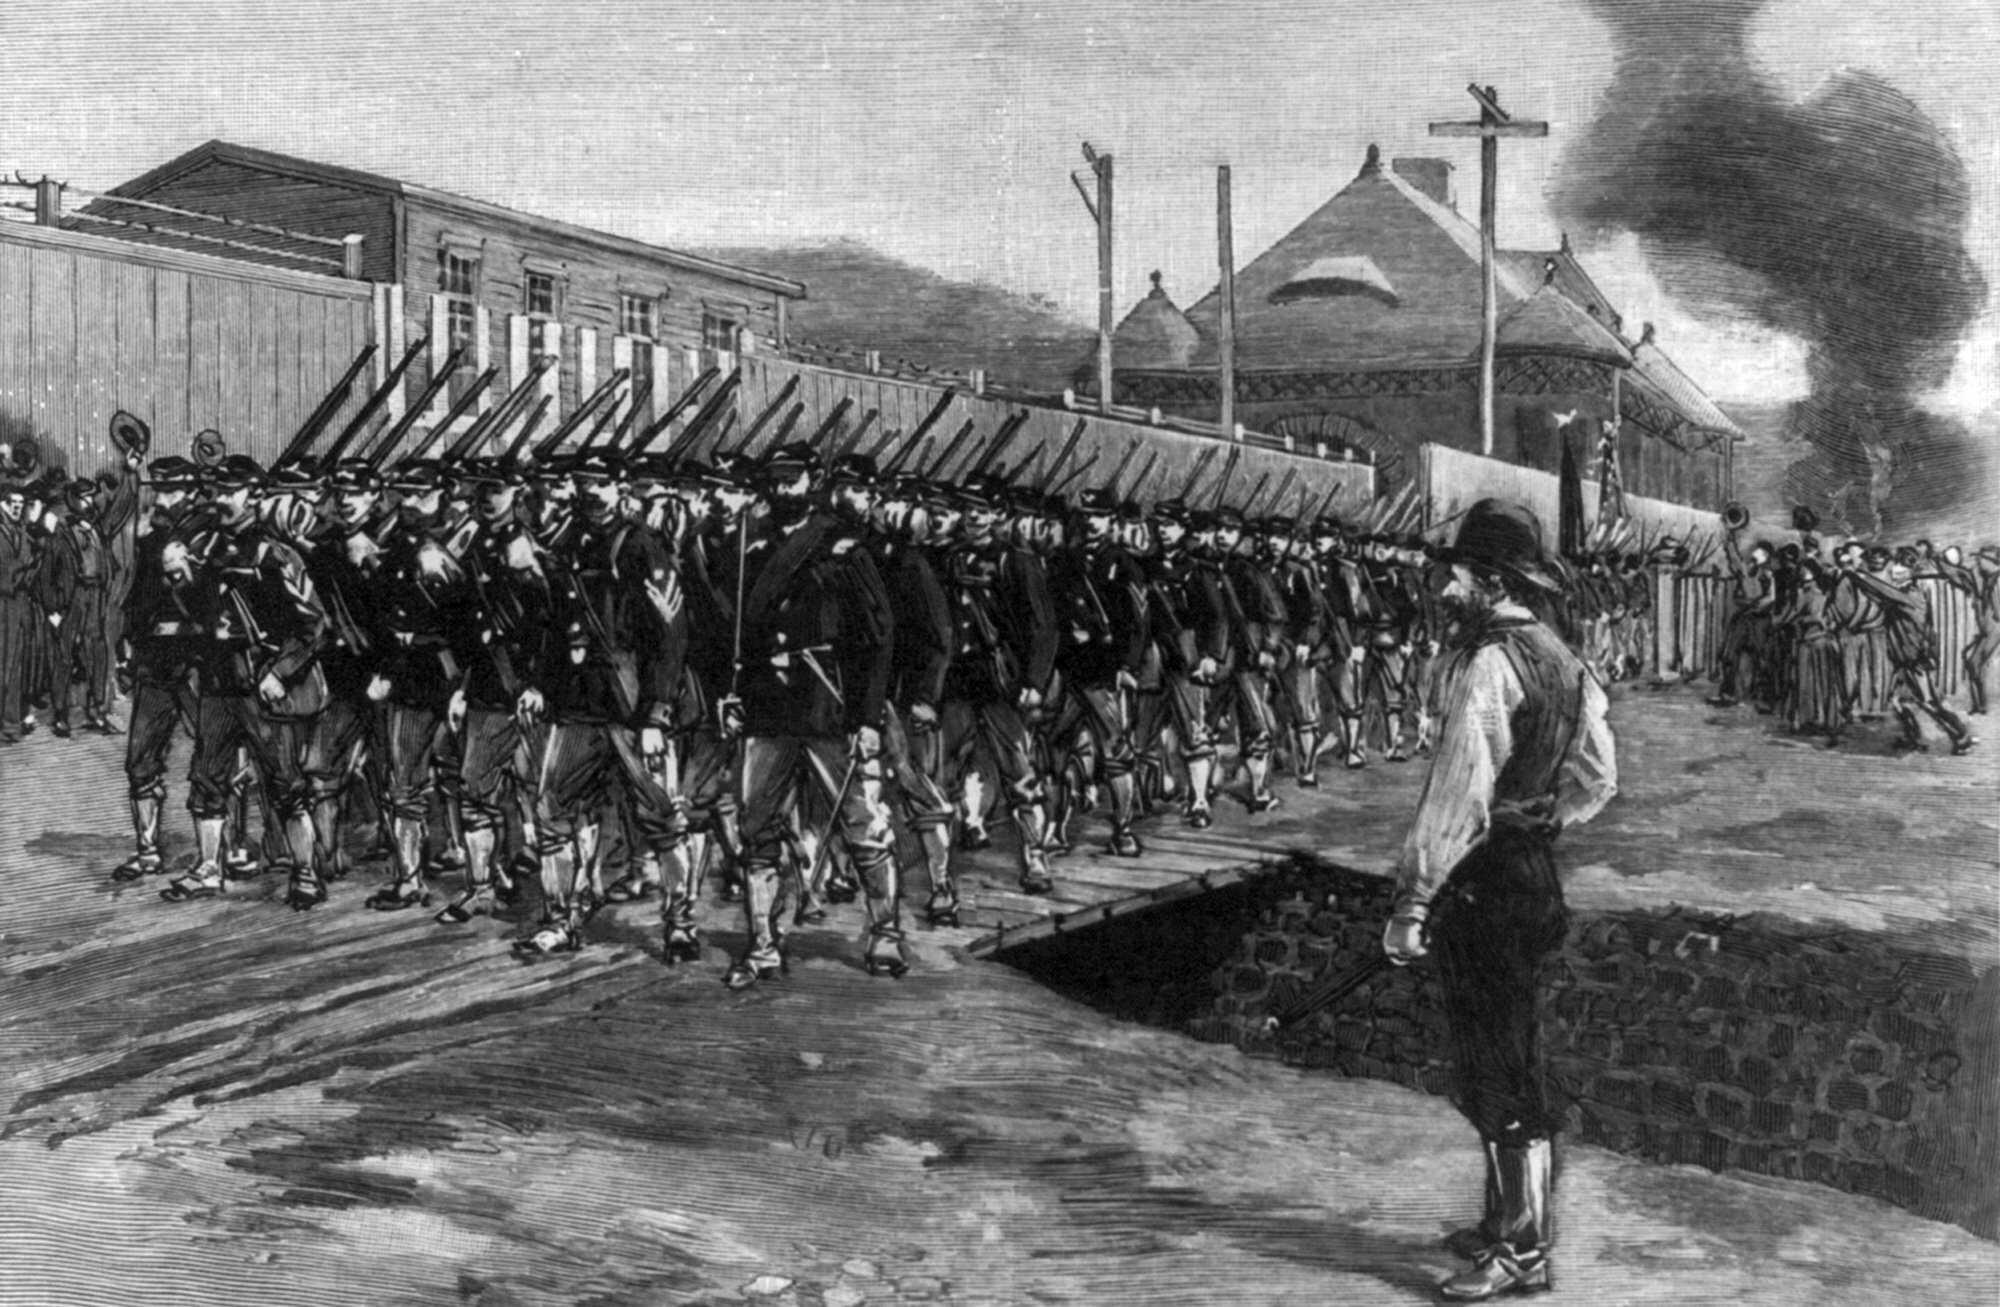 Carnegie_Homestead_Strike_18th_Regiment_arrives_Harper's-Weekly,-July-12,-1892,-LOC.jpg